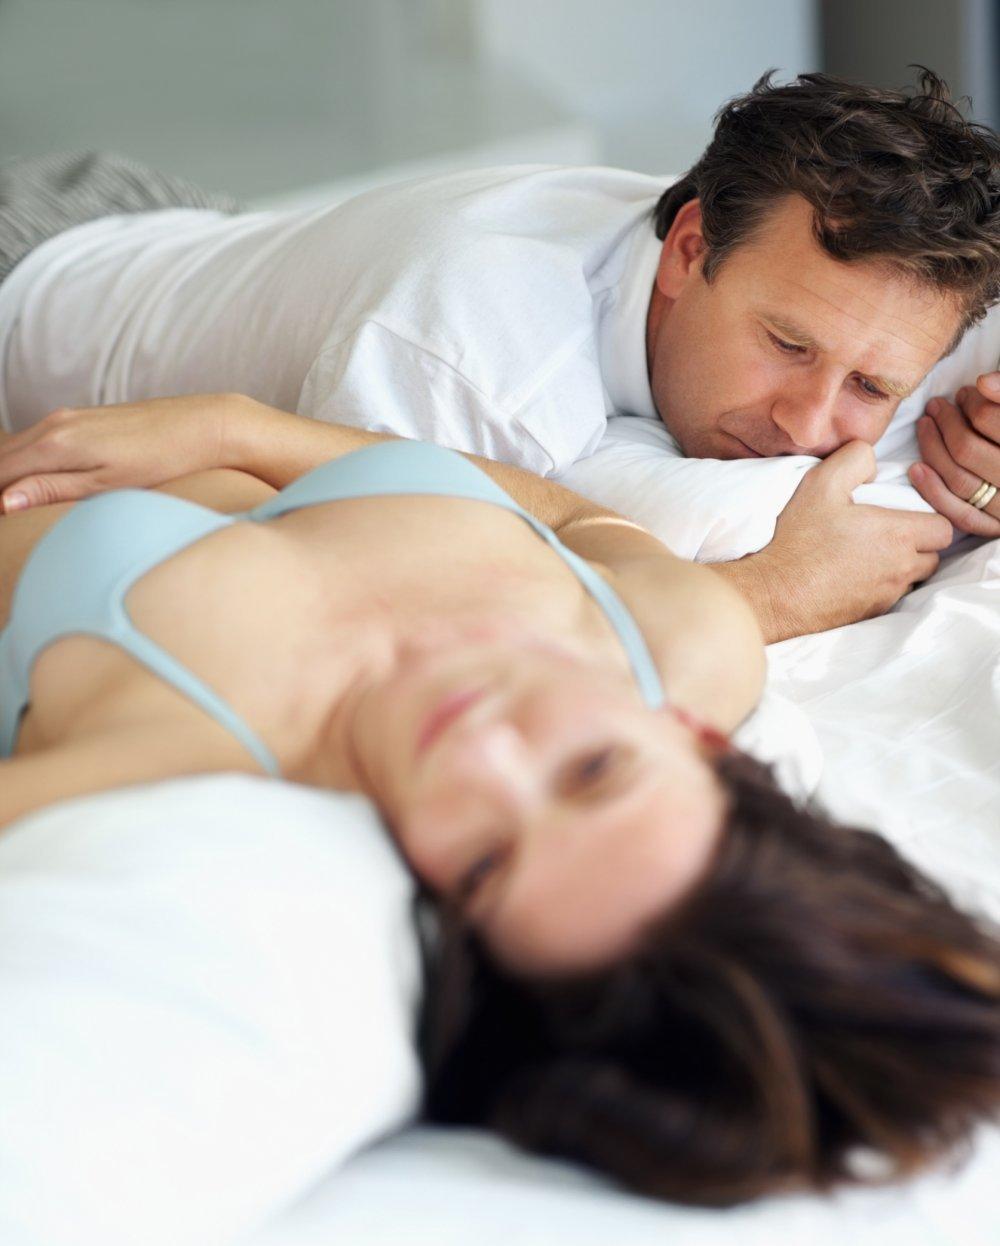 seksi supruga seks video zreli dating porno